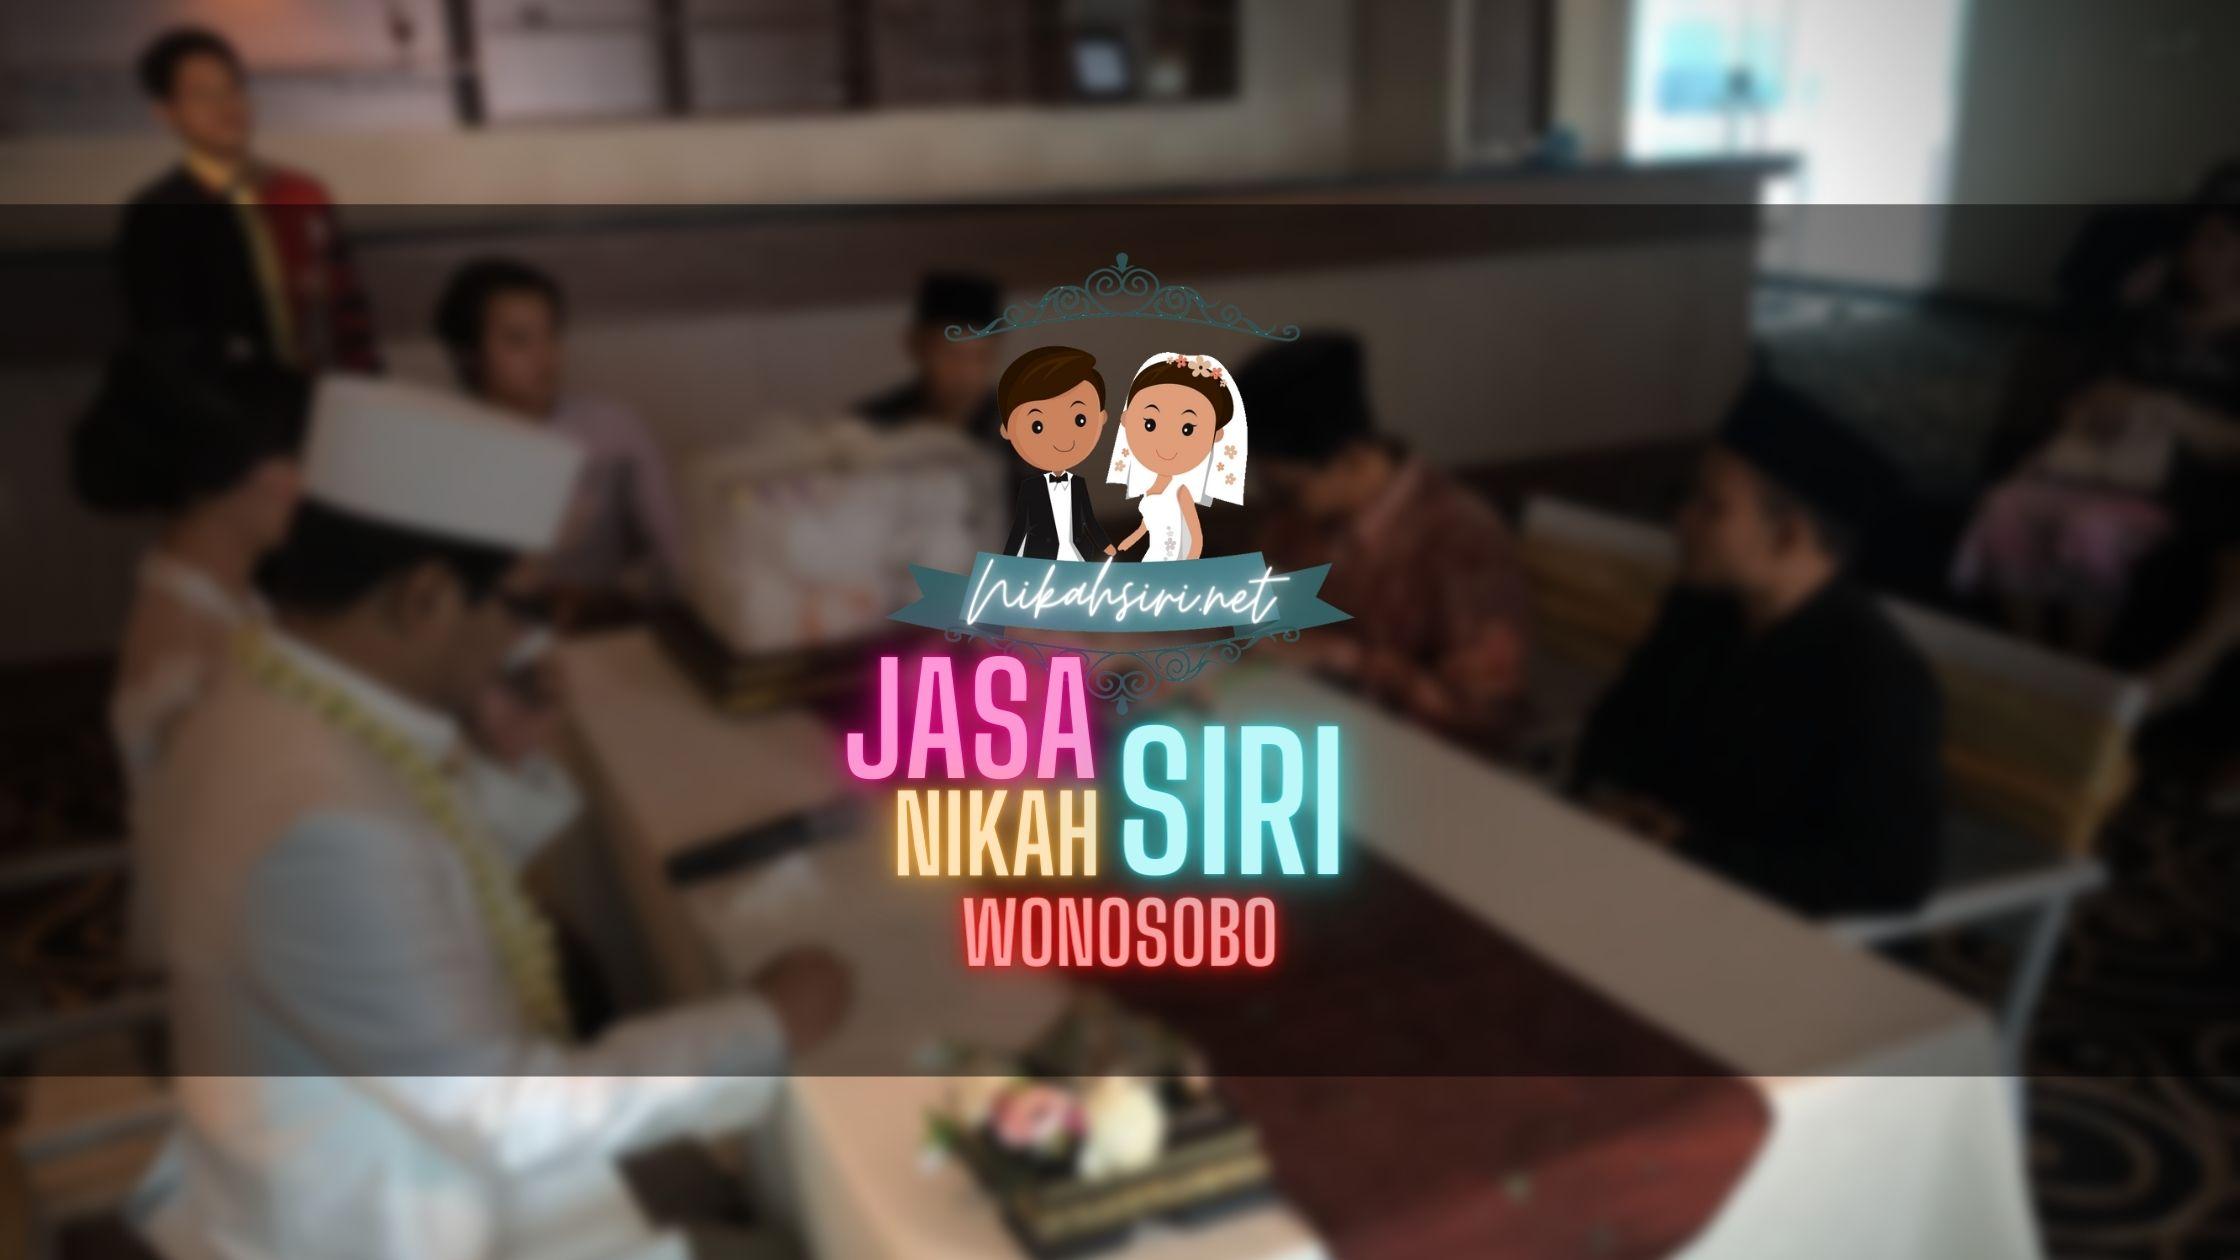 Jasa Nikah Siri Wonosobo ❤️ Dapat Surat Nikah Siri